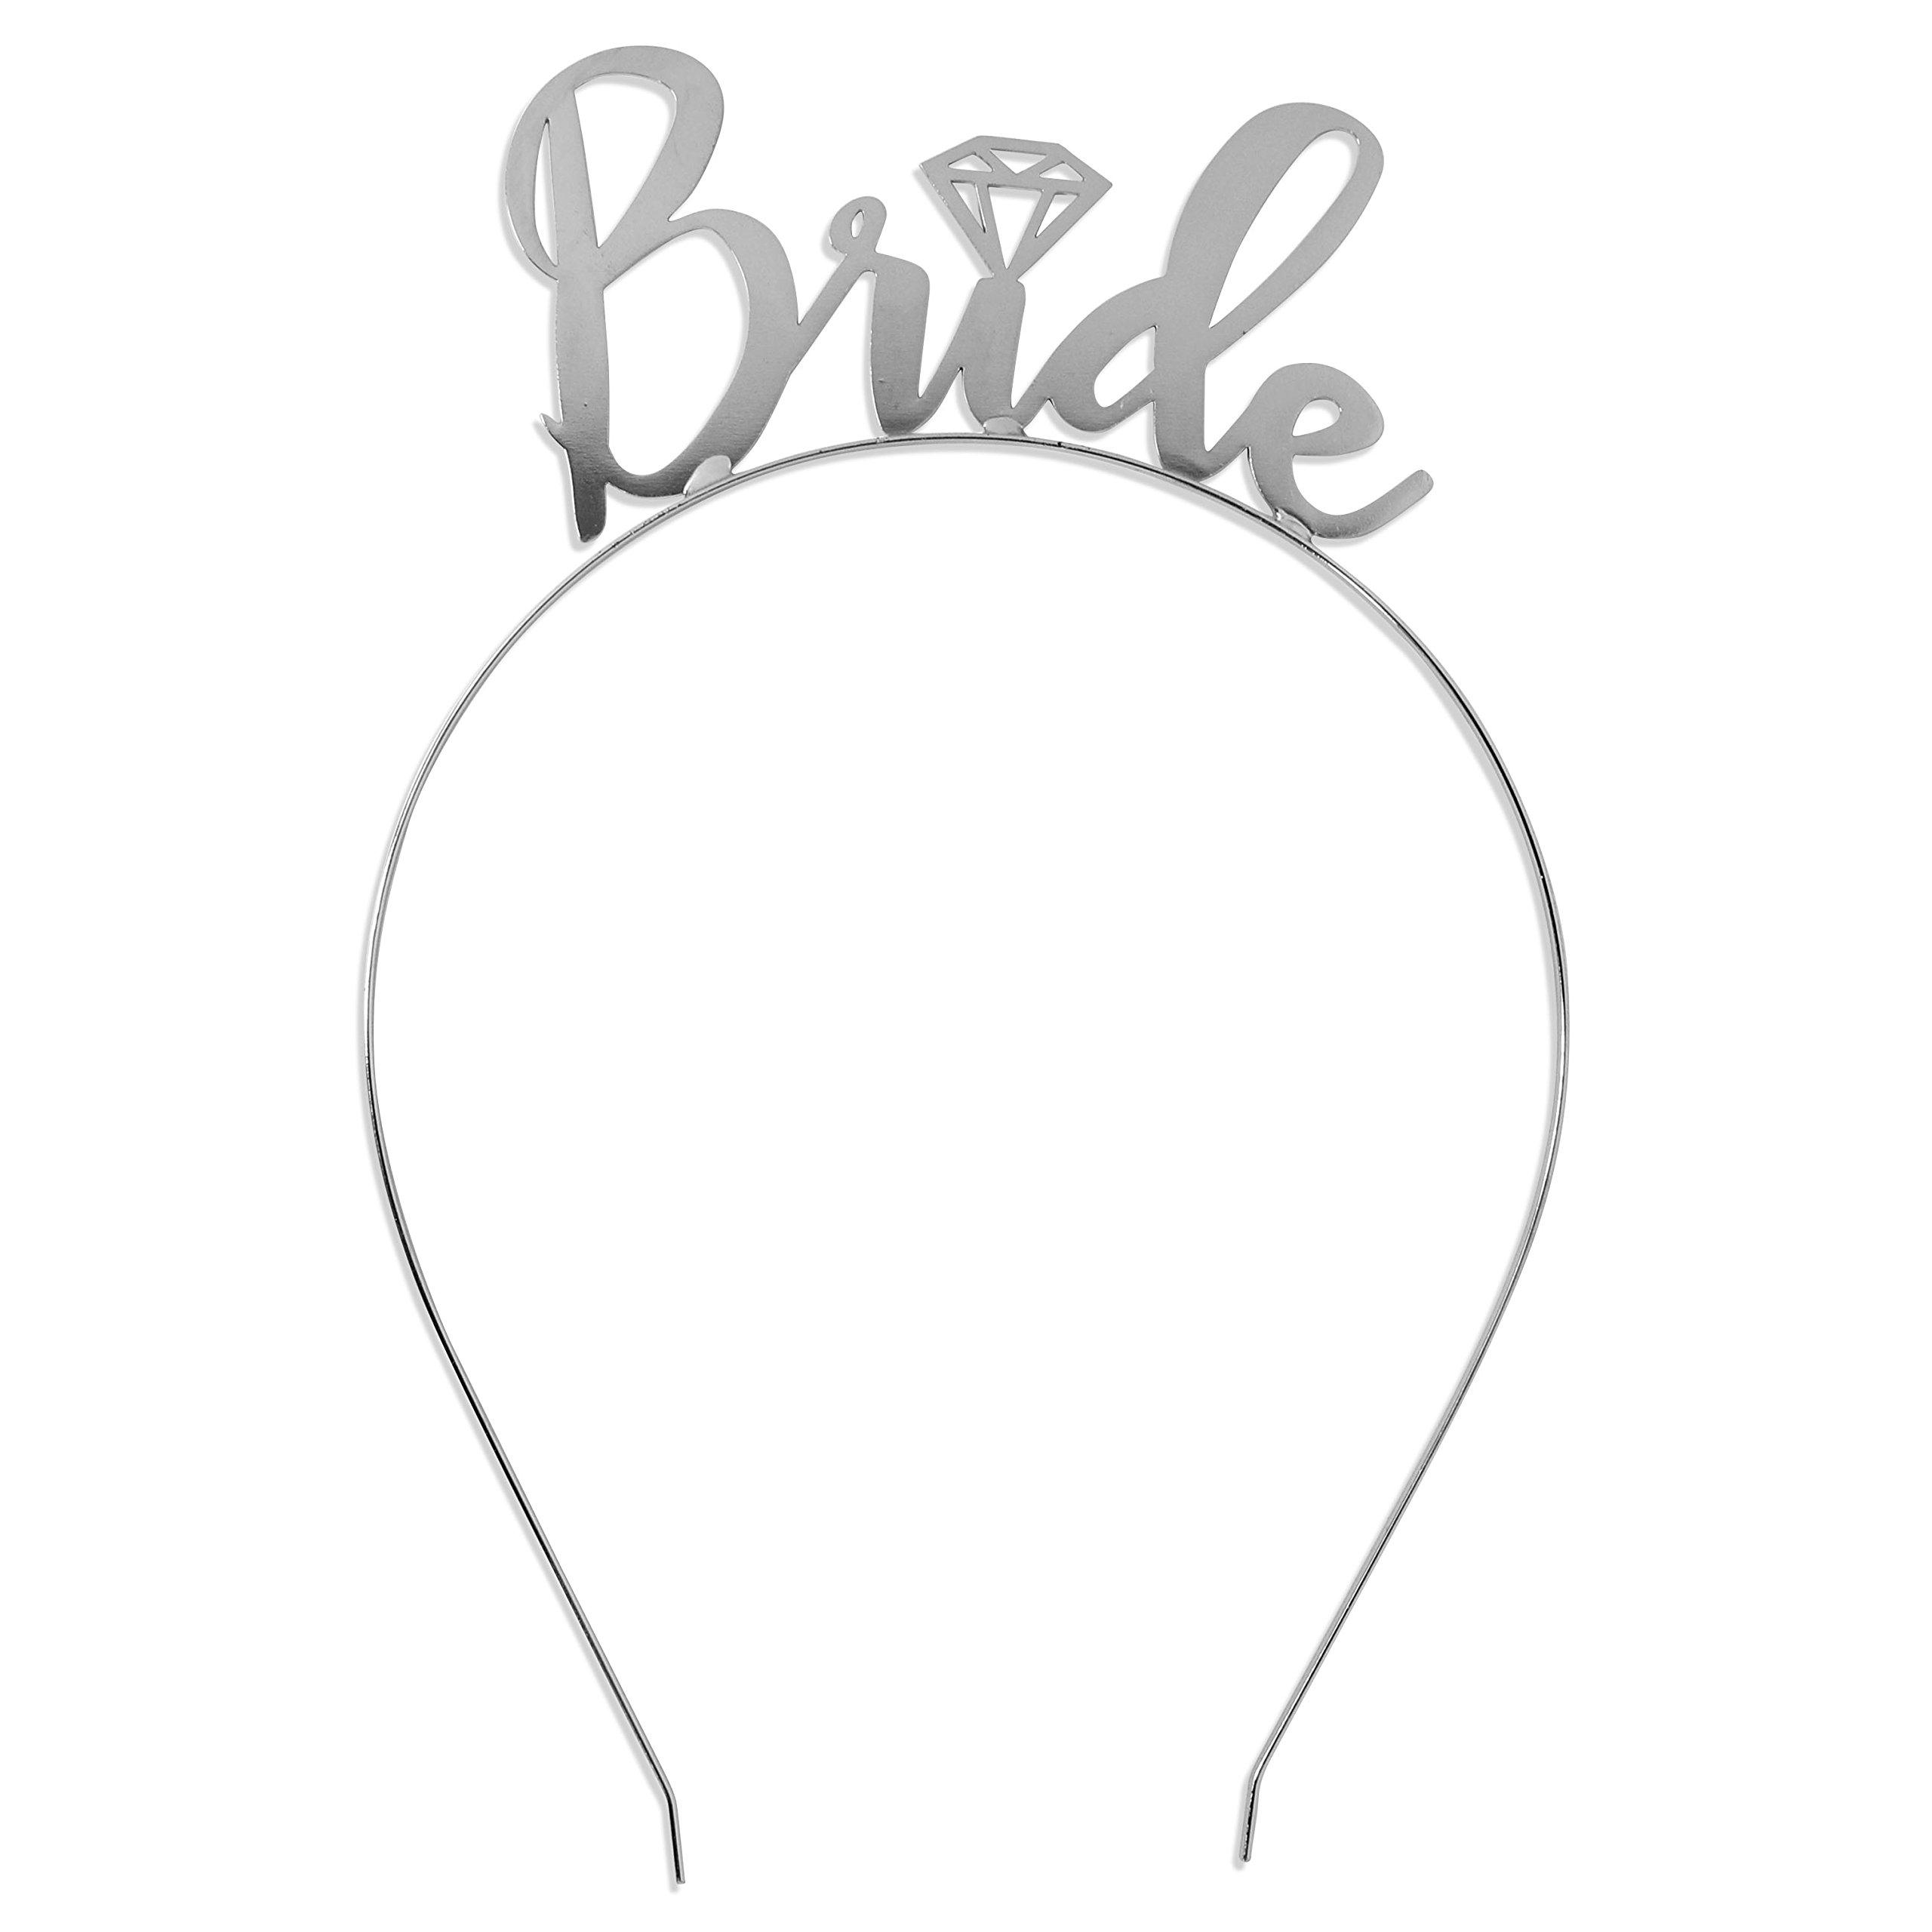 Bride Tiara Headband Silver - Bridal Shower Bride To Be Headpiece HdBd(Bride) SLV